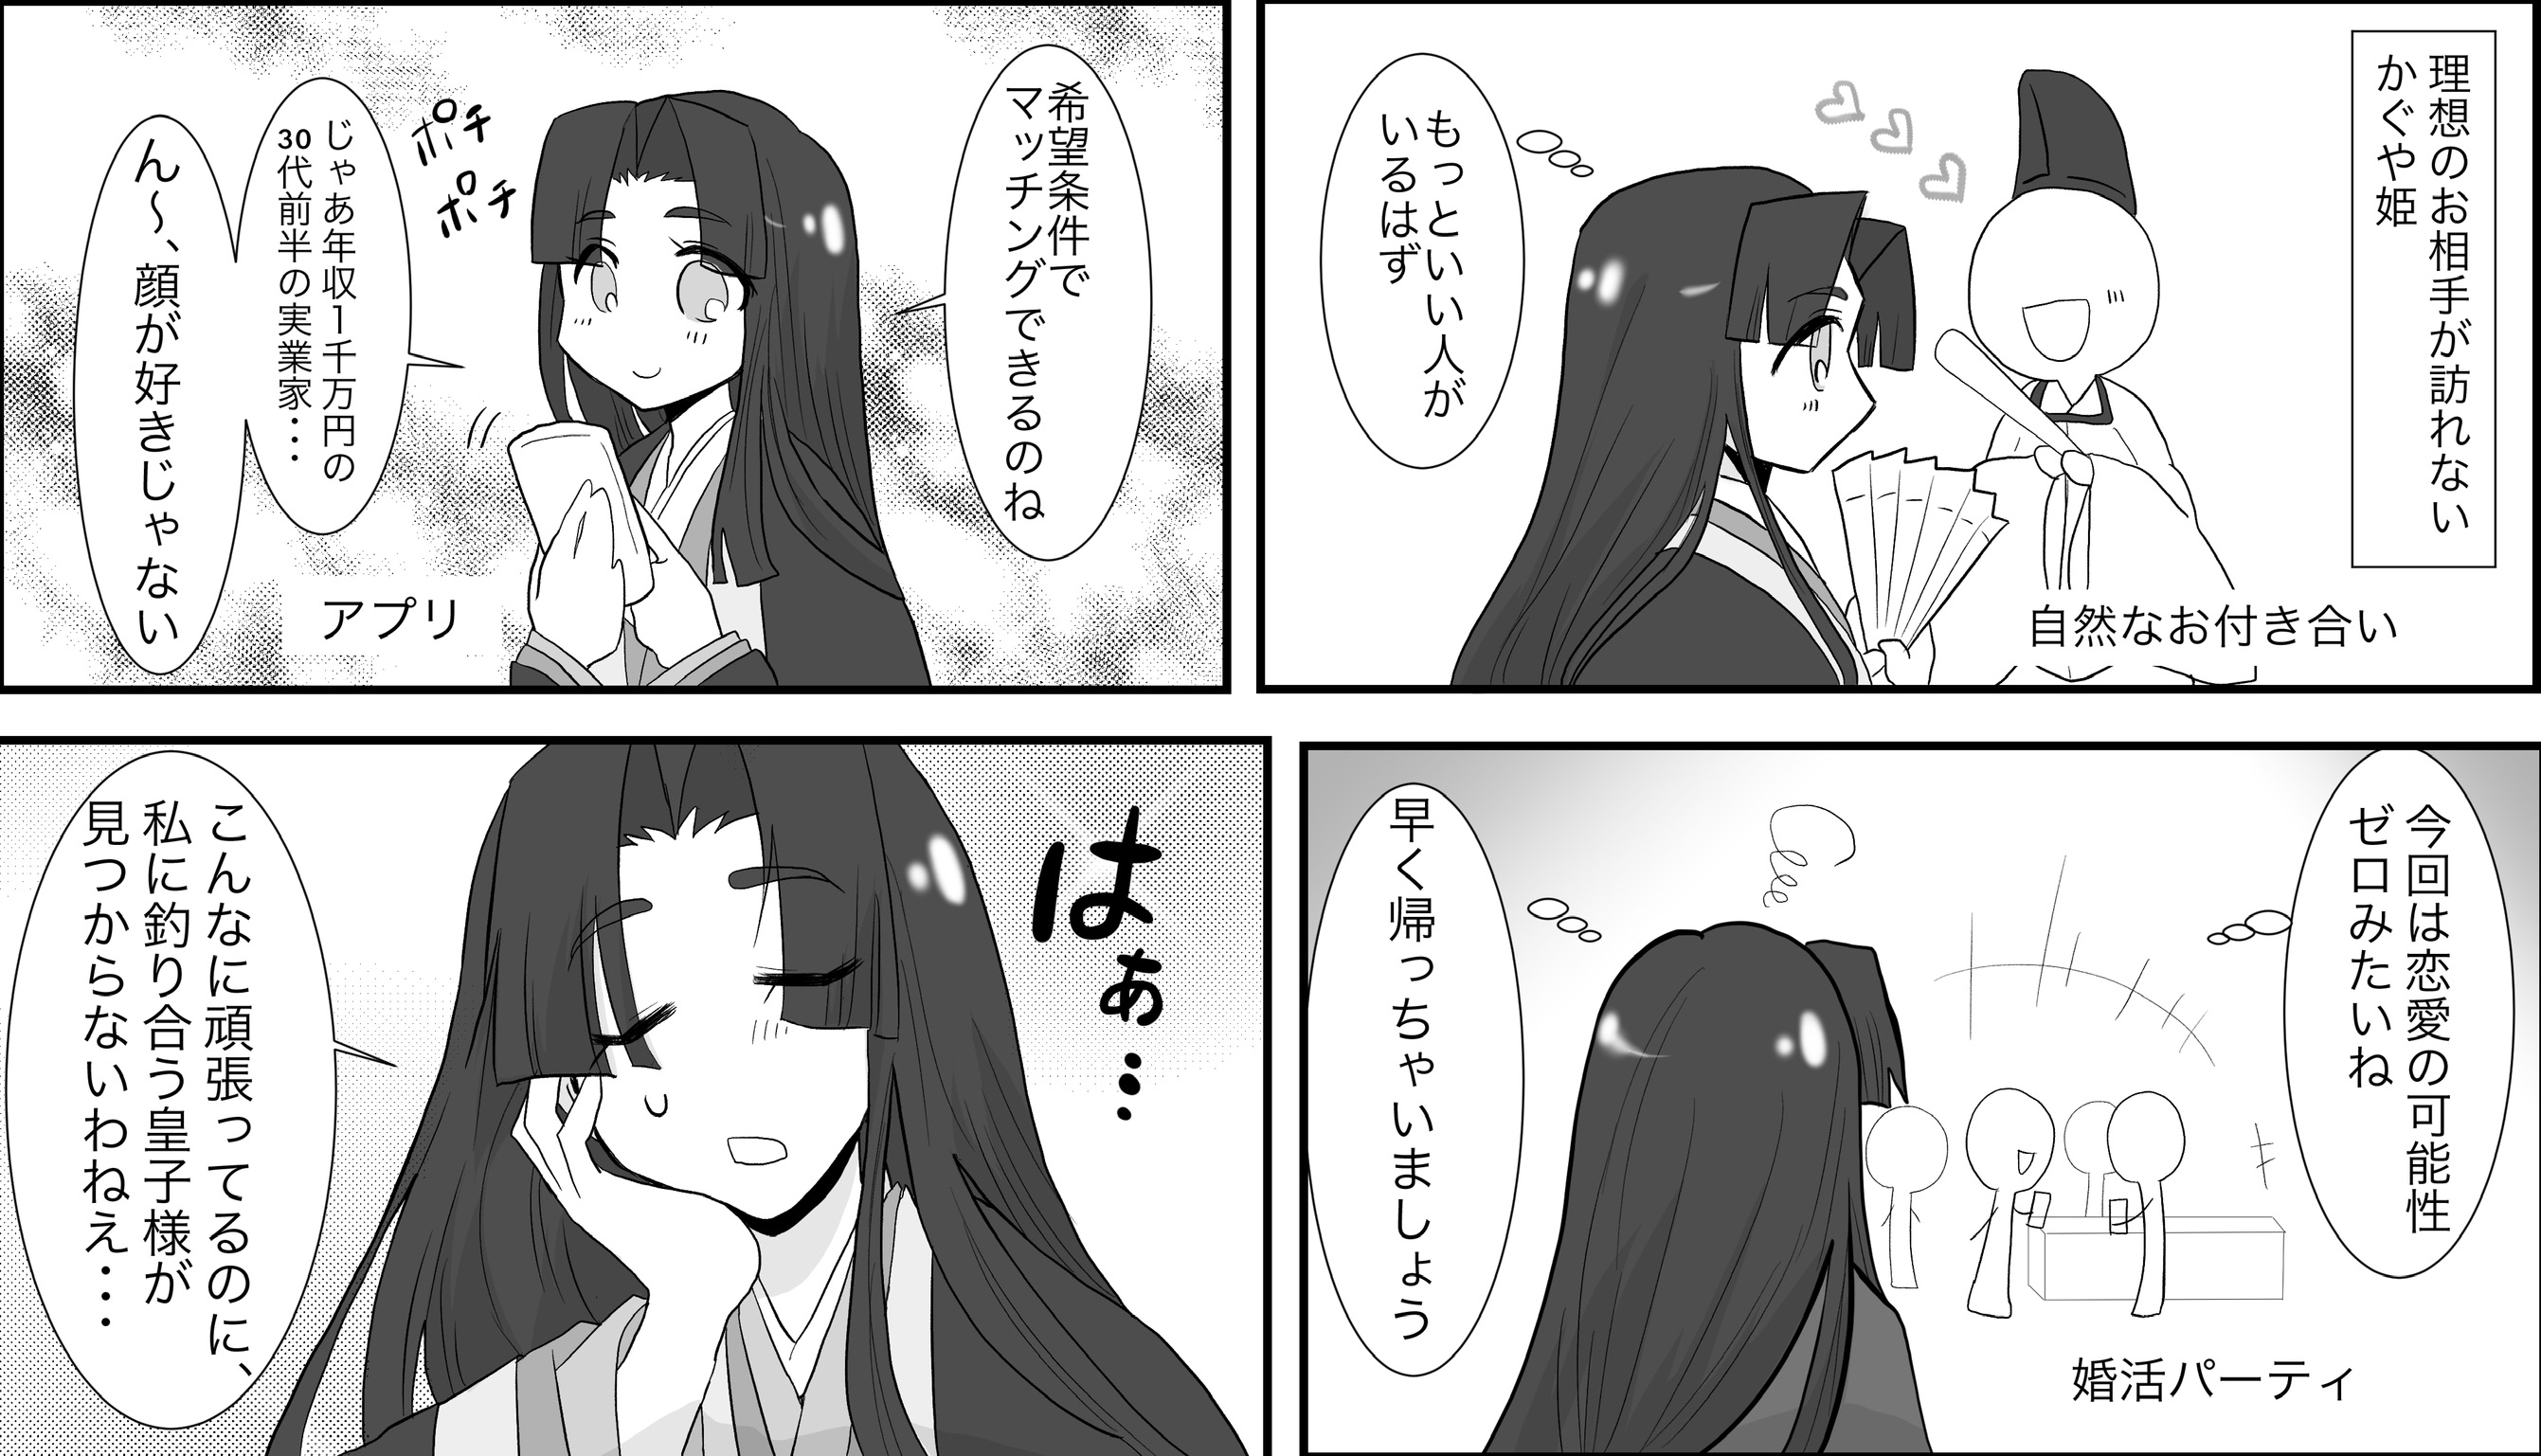 【婚活漫画】理想のお相手が訪れないかぐや姫①_プロローグ